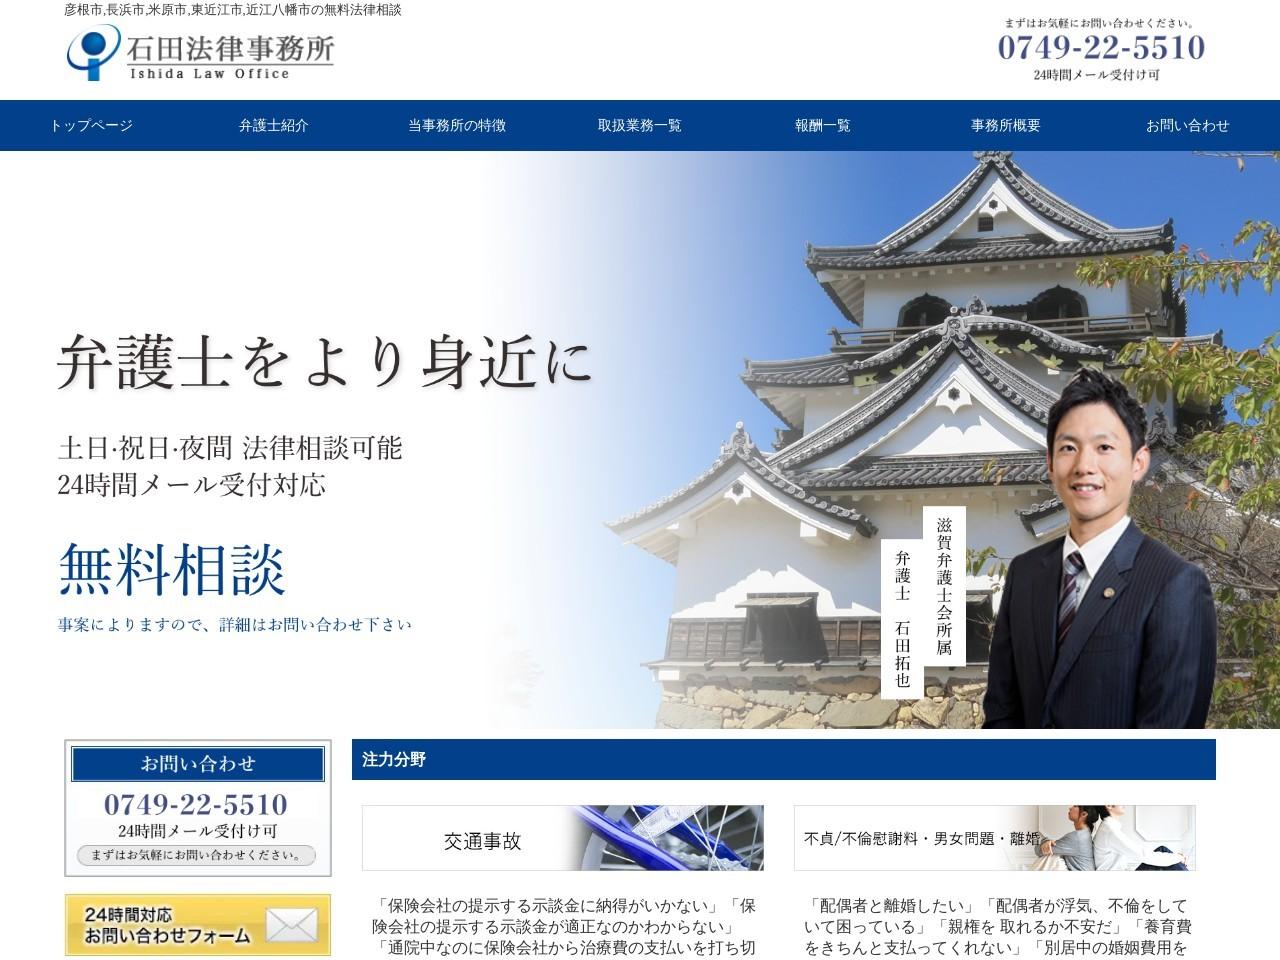 石田法律事務所